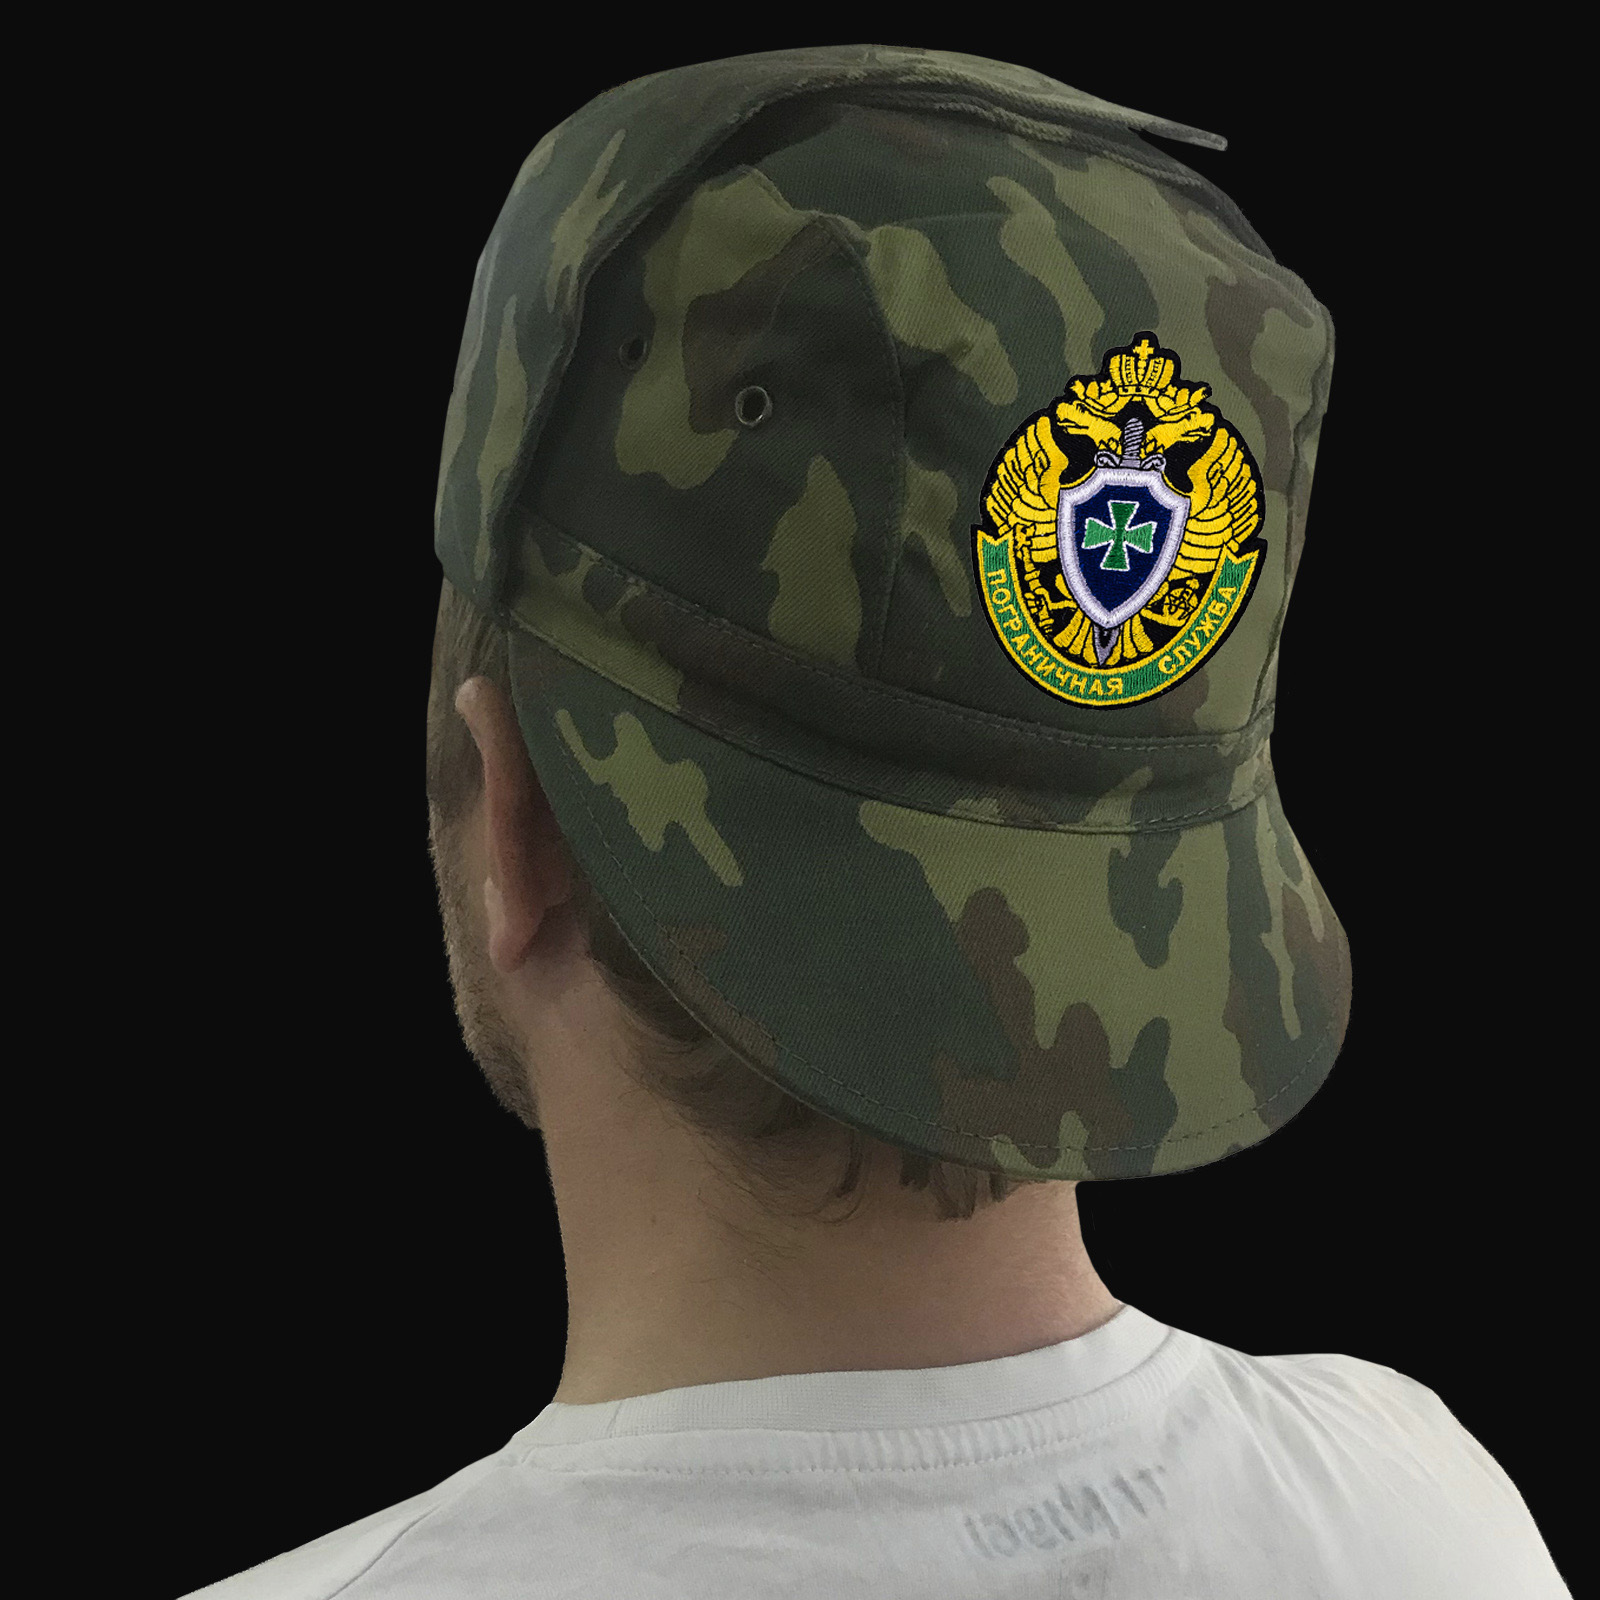 Камуфляжные кепки для пограничников – наличие в Москве